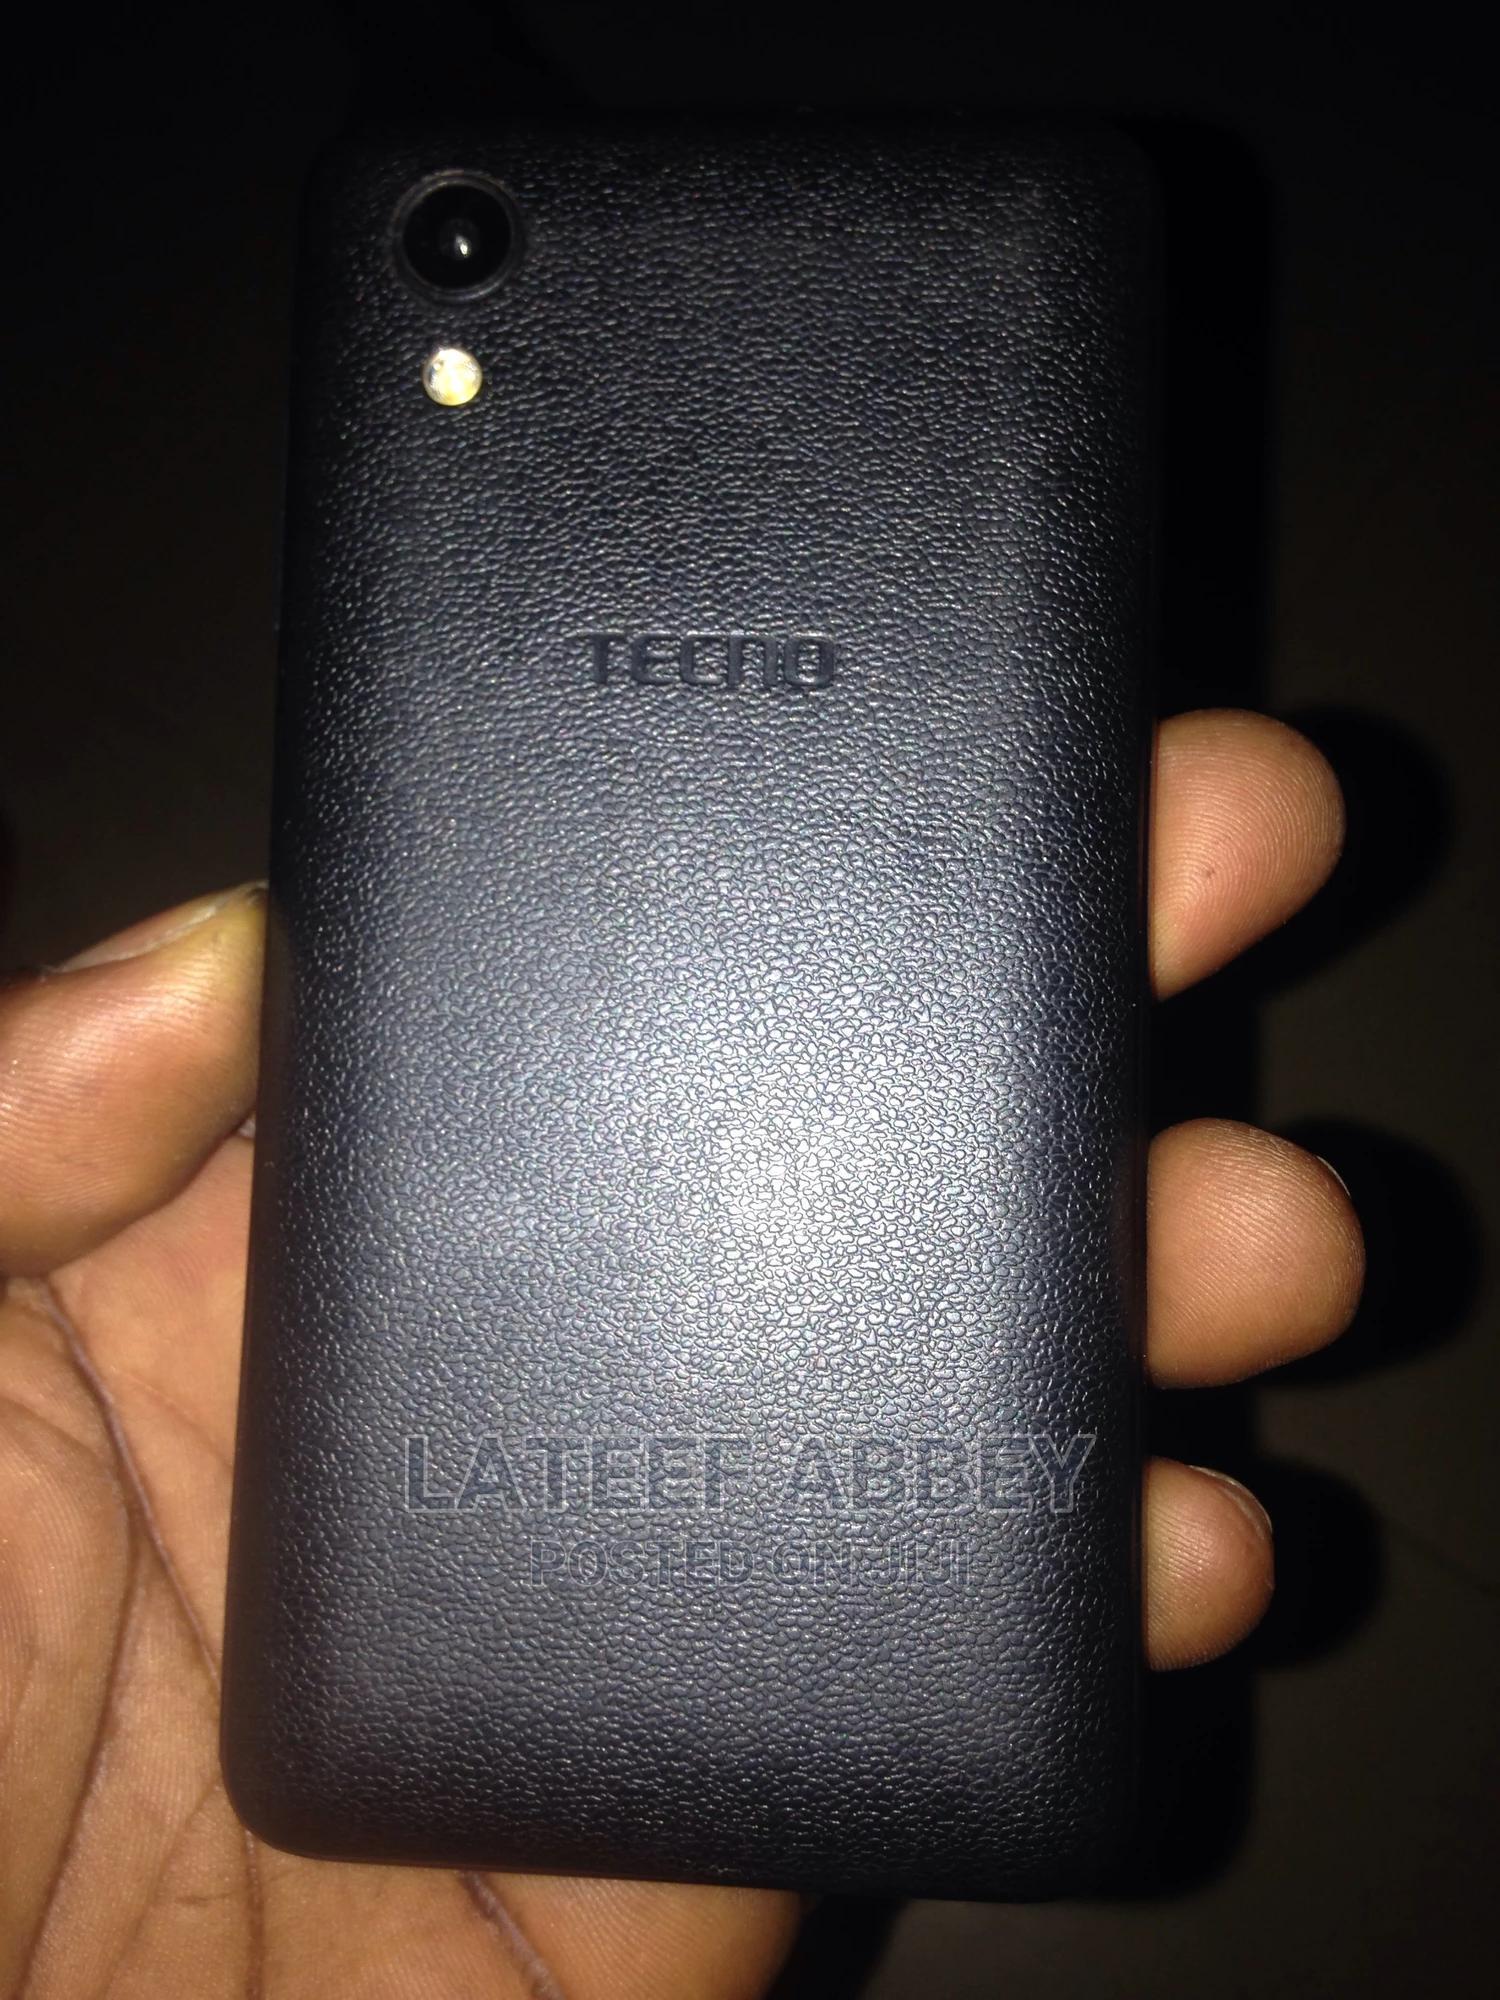 Archive: Tecno W1 8 GB Black